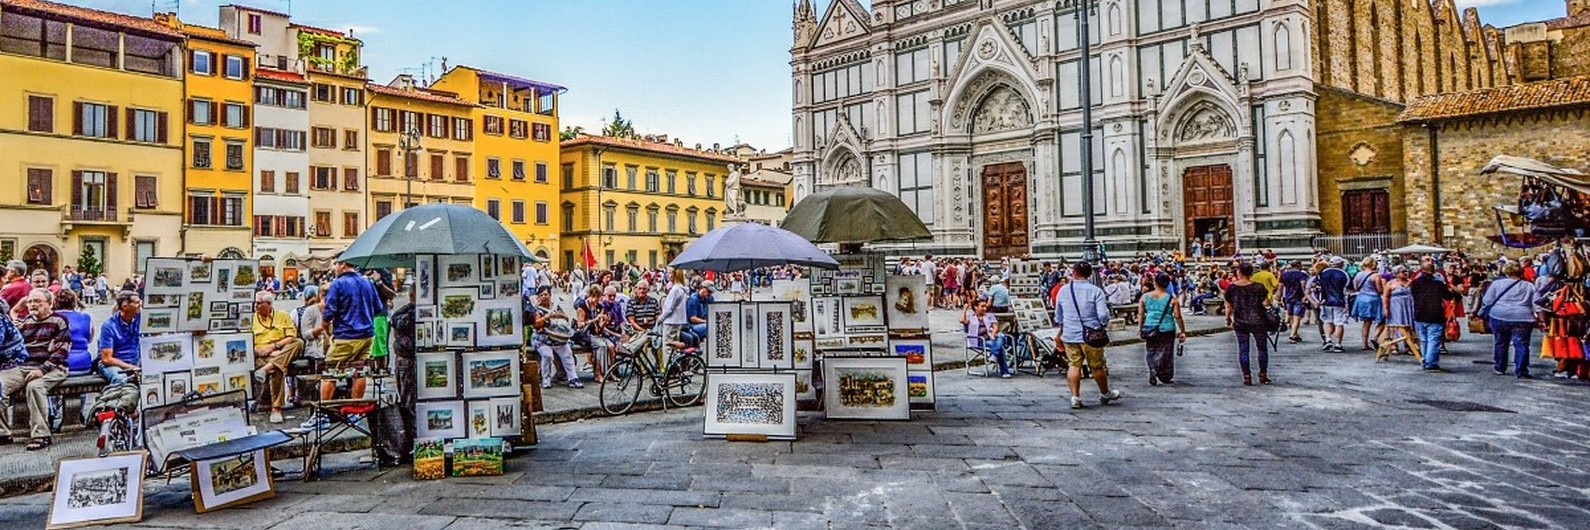 Florença: o berço da Renascença Italiana